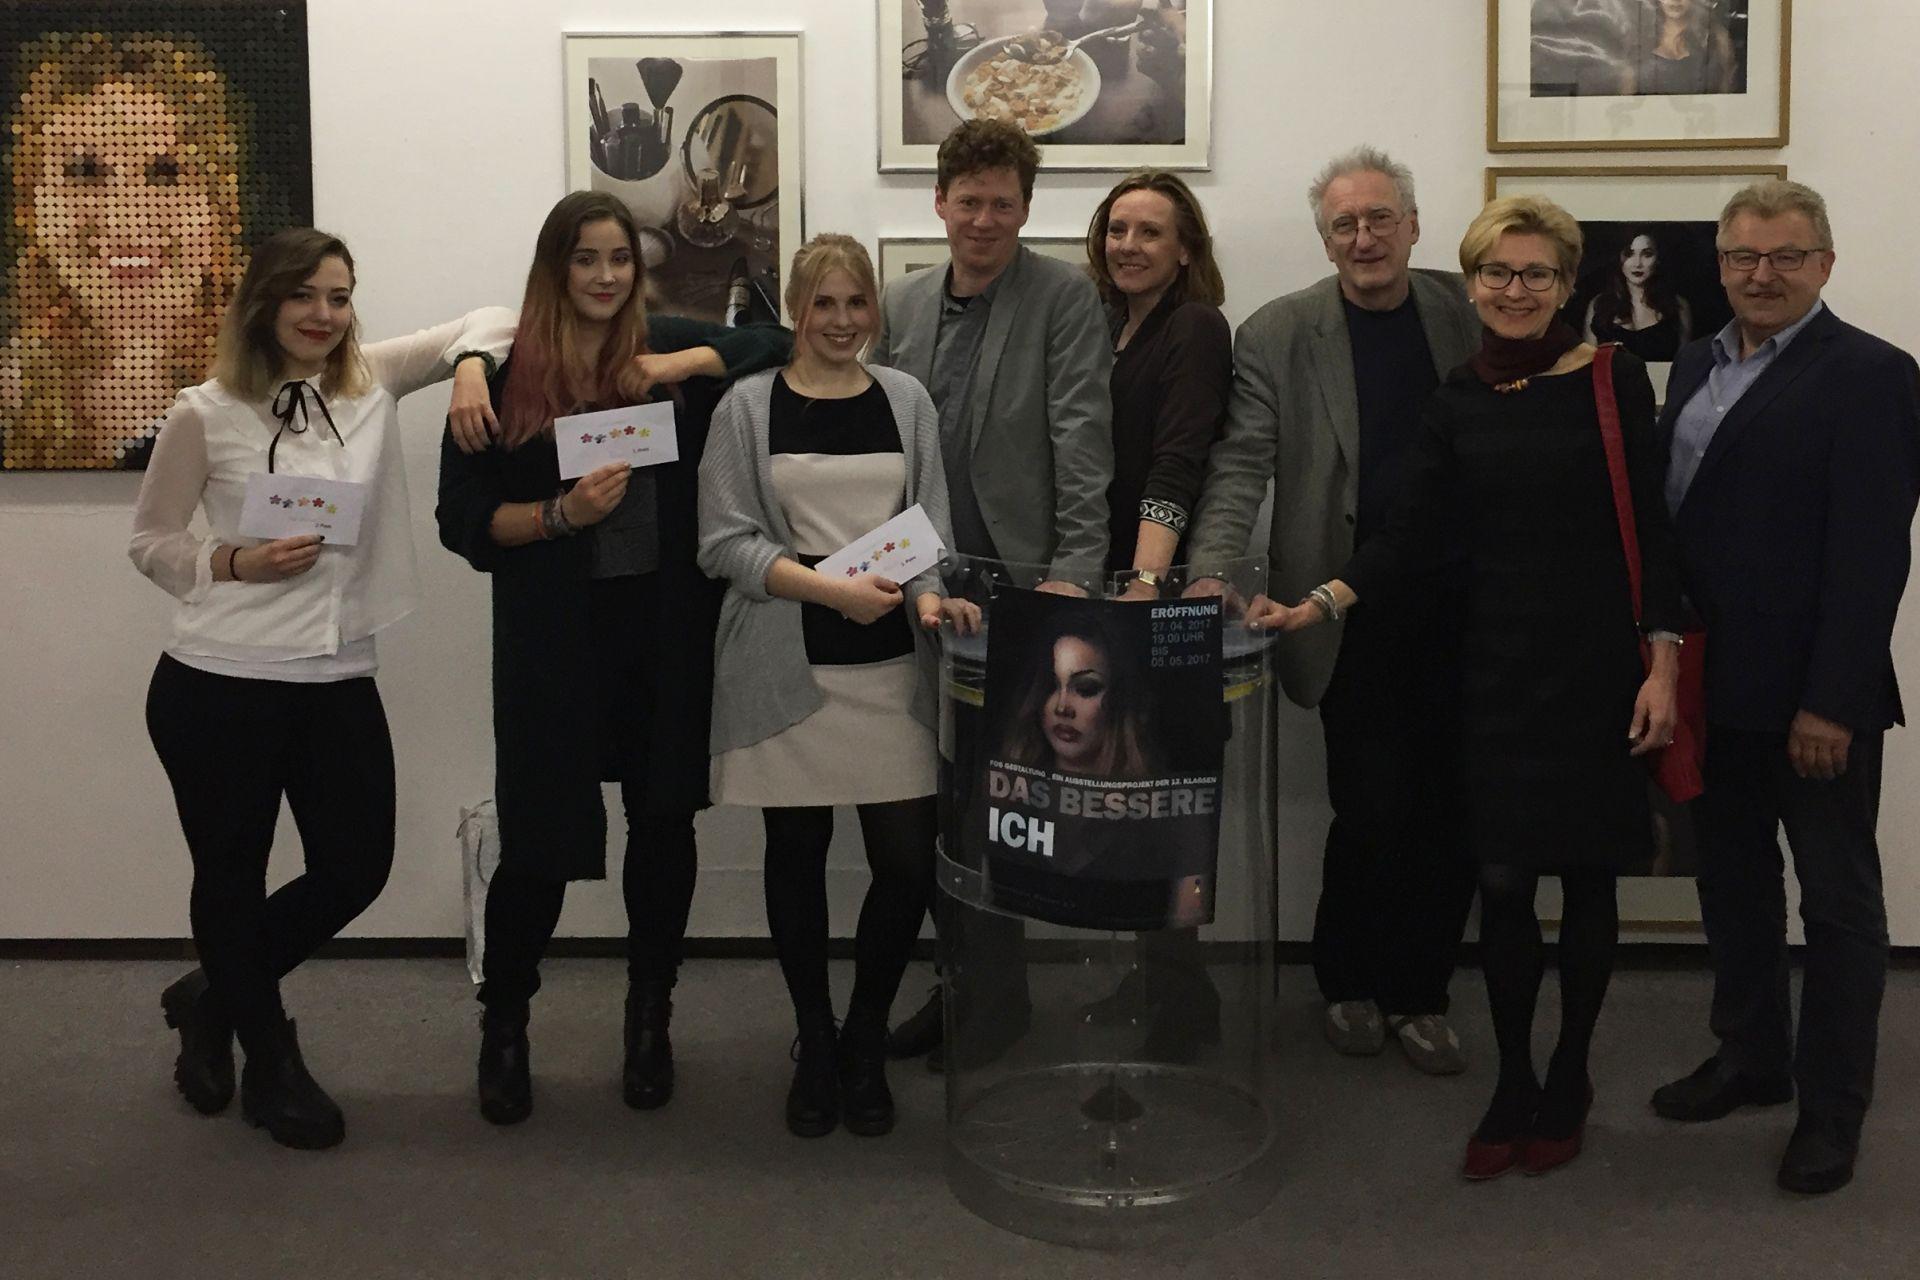 2017 07 01 Ausstellung Kunstverein Content 1